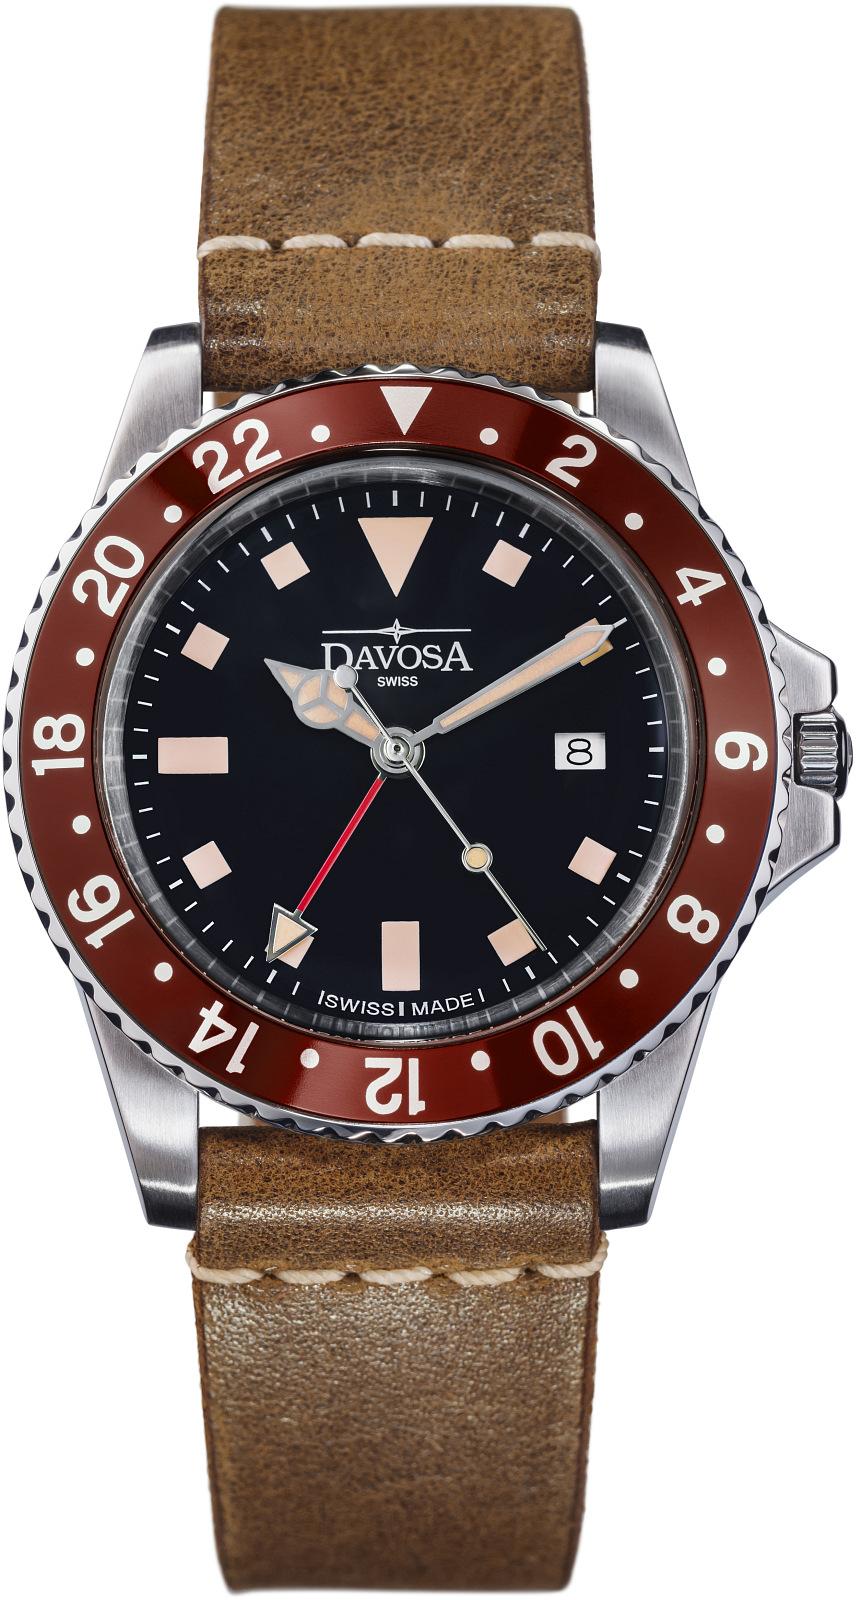 zegarek-meski-davosa-vintage-diver-162-500-65-3